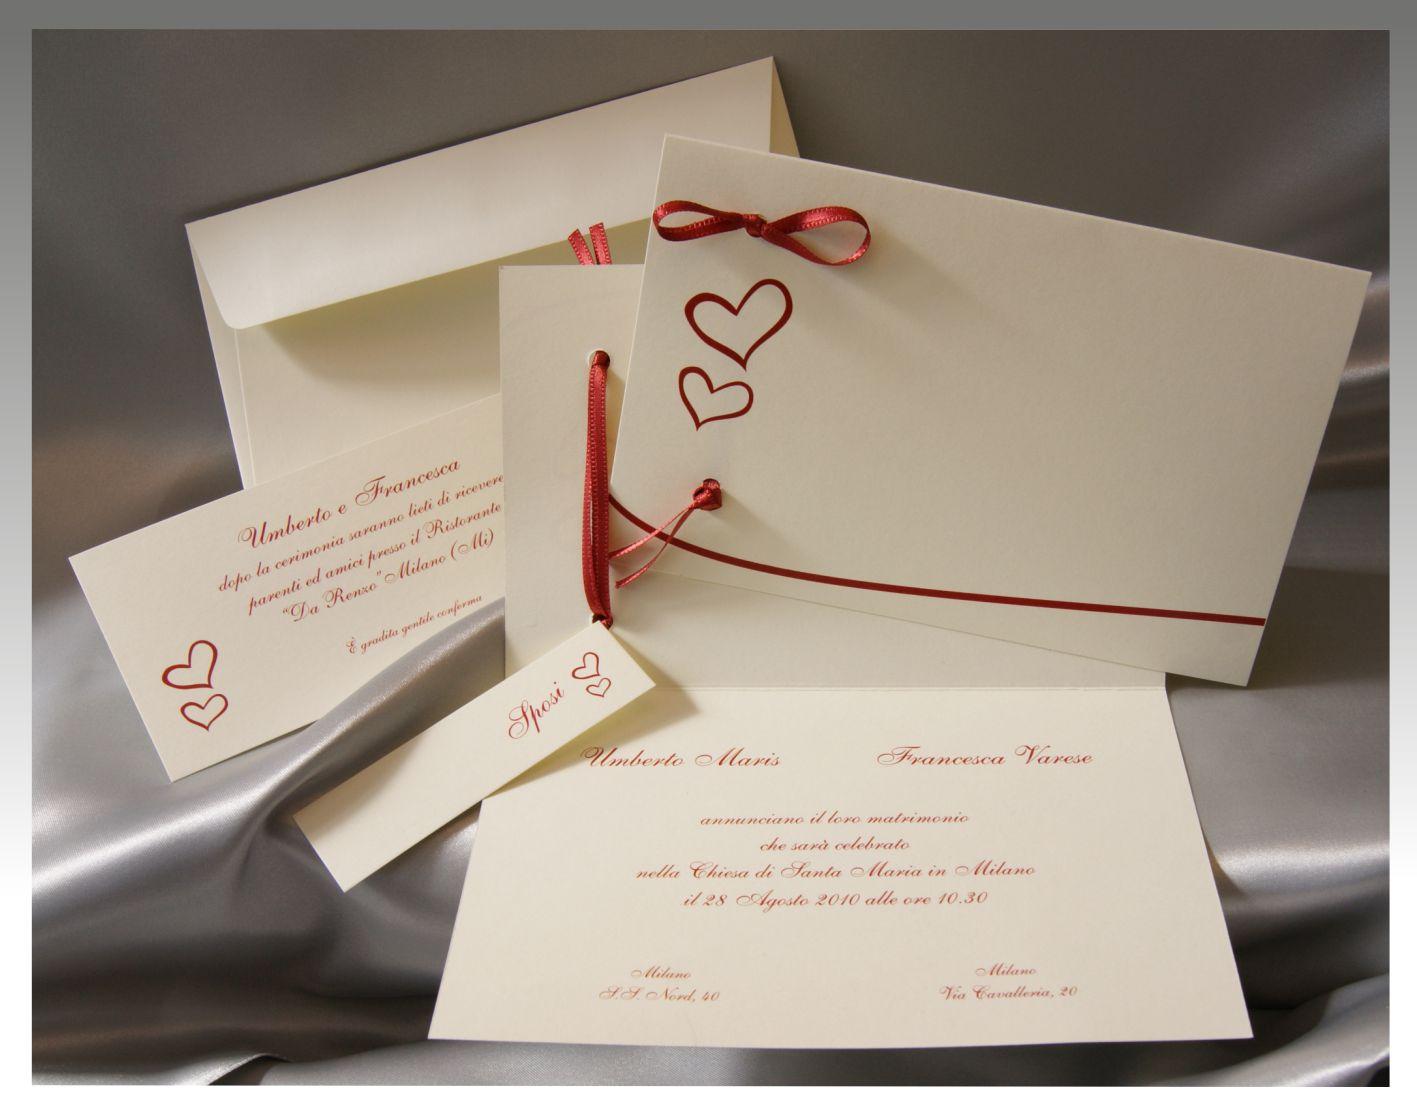 Inviti Matrimonio Natalizio : Immagini partecipazioni nozze cp regardsdefemmes